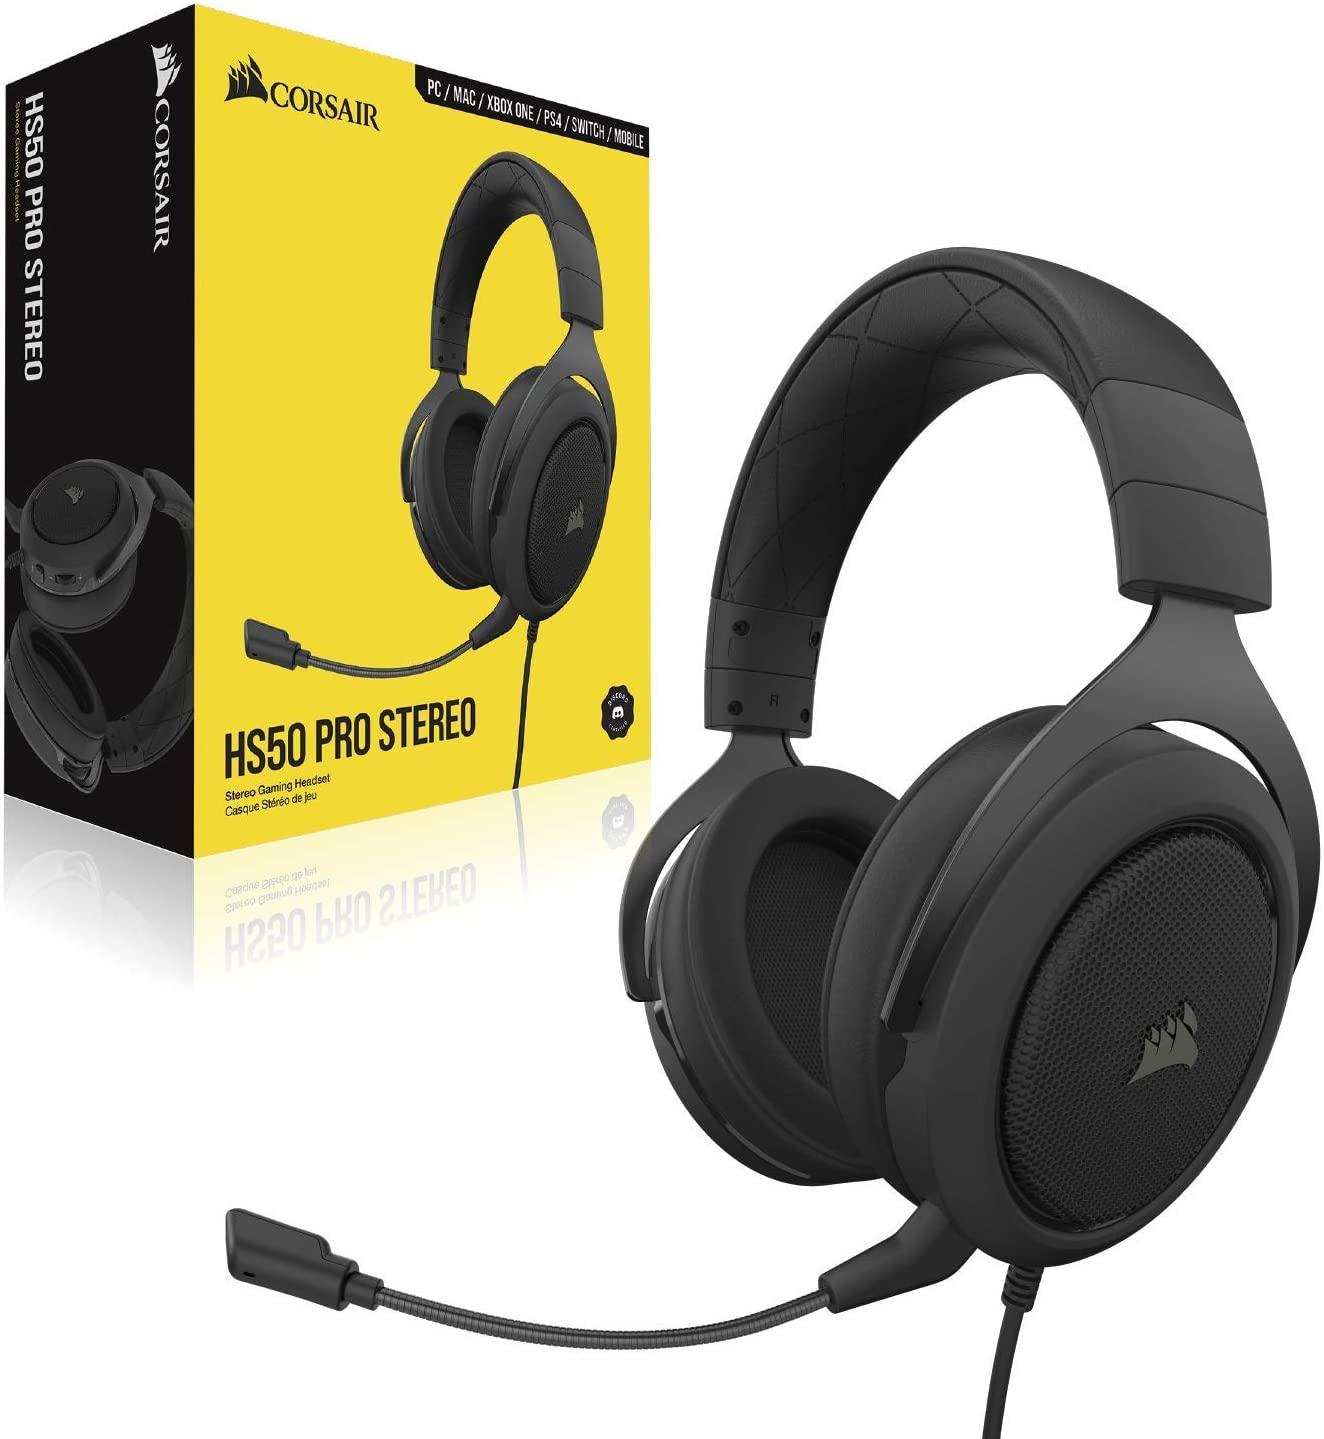 אוזניות גיימינג קורסאייר Corsair HS50 V2 Pro Gaming Headset